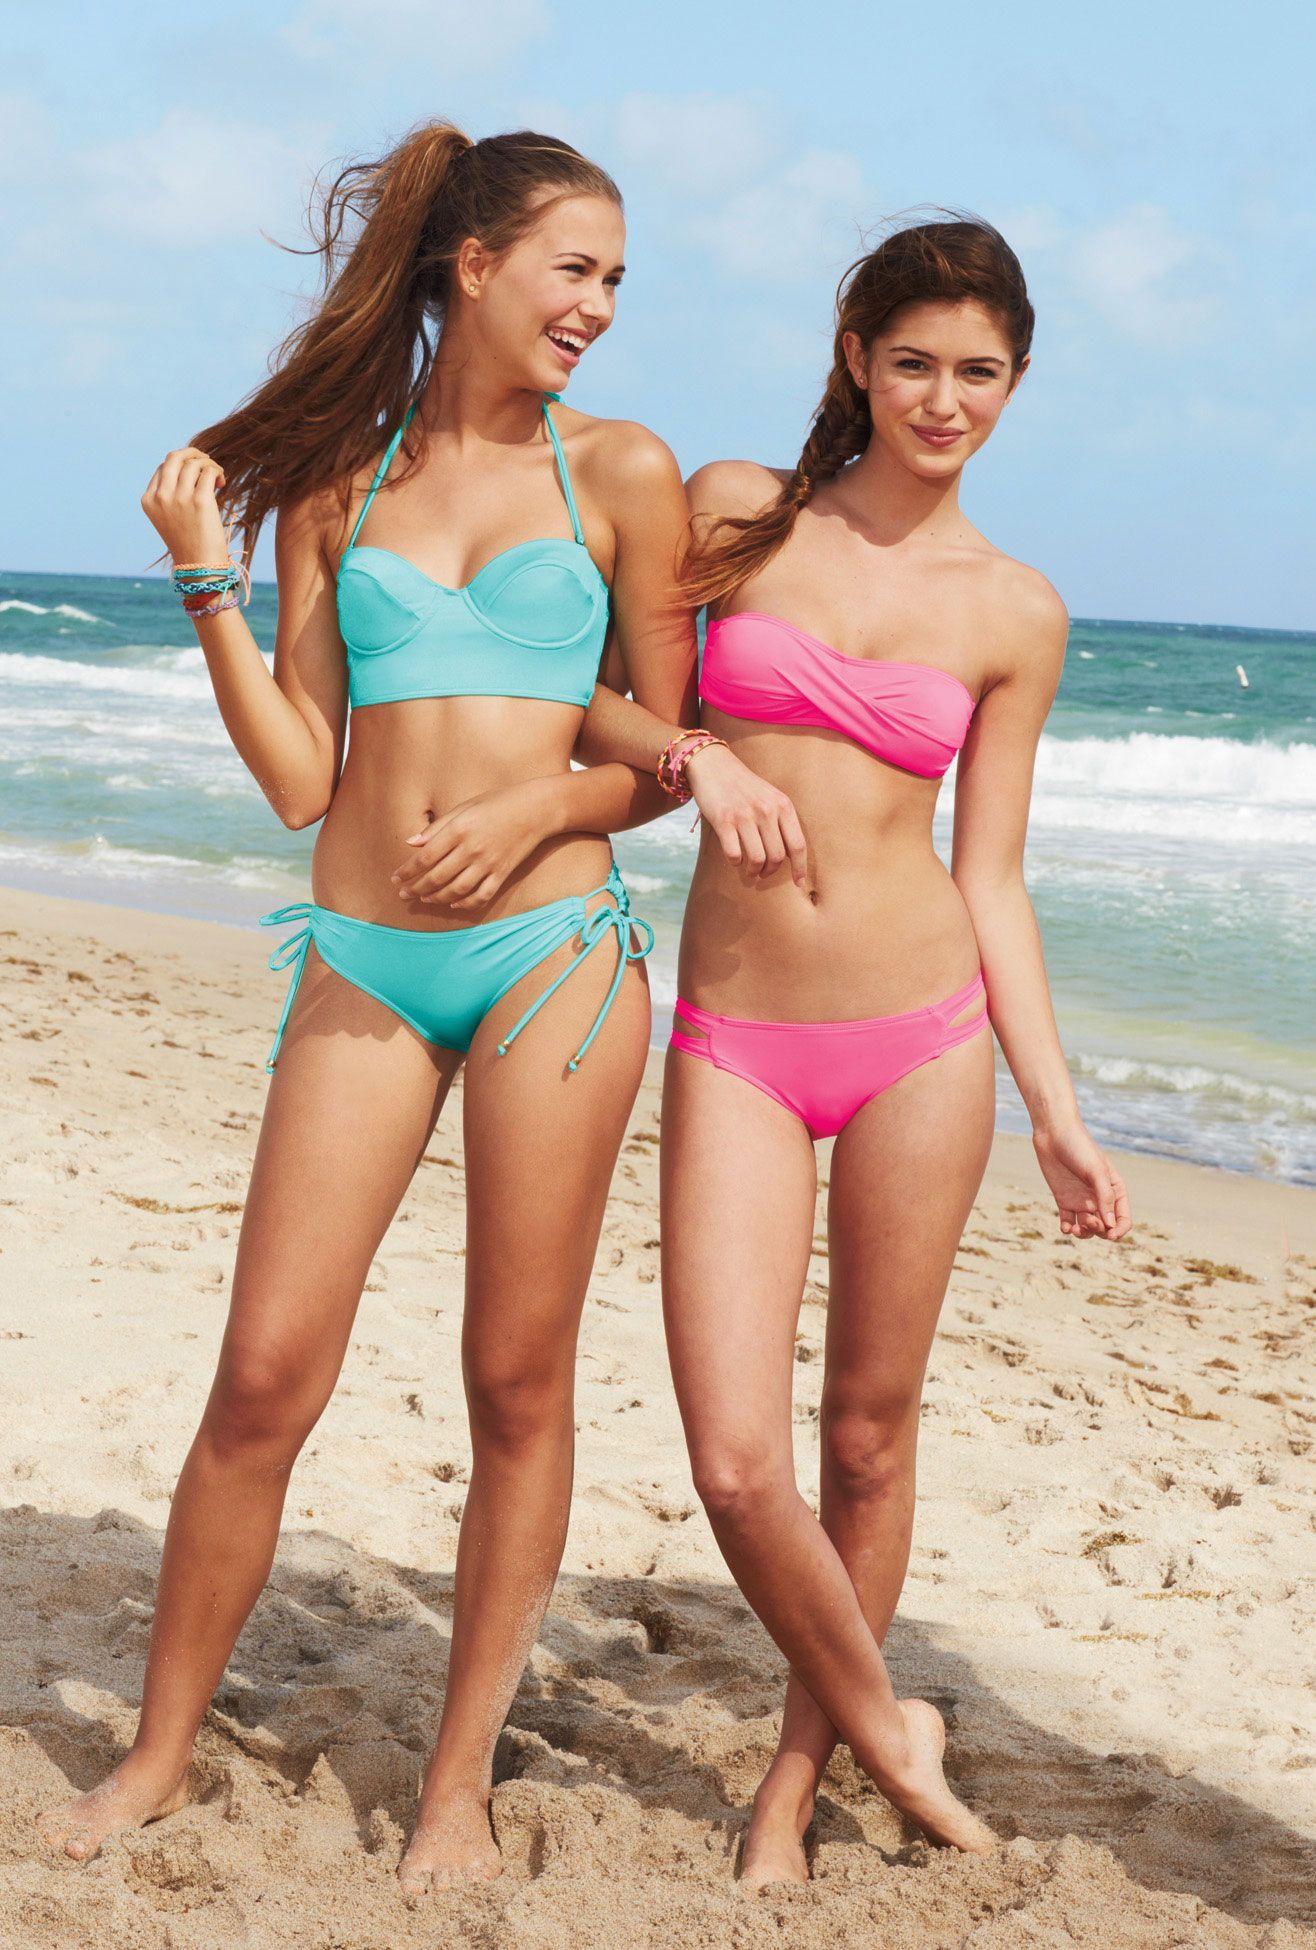 Hot teen girls at the beach